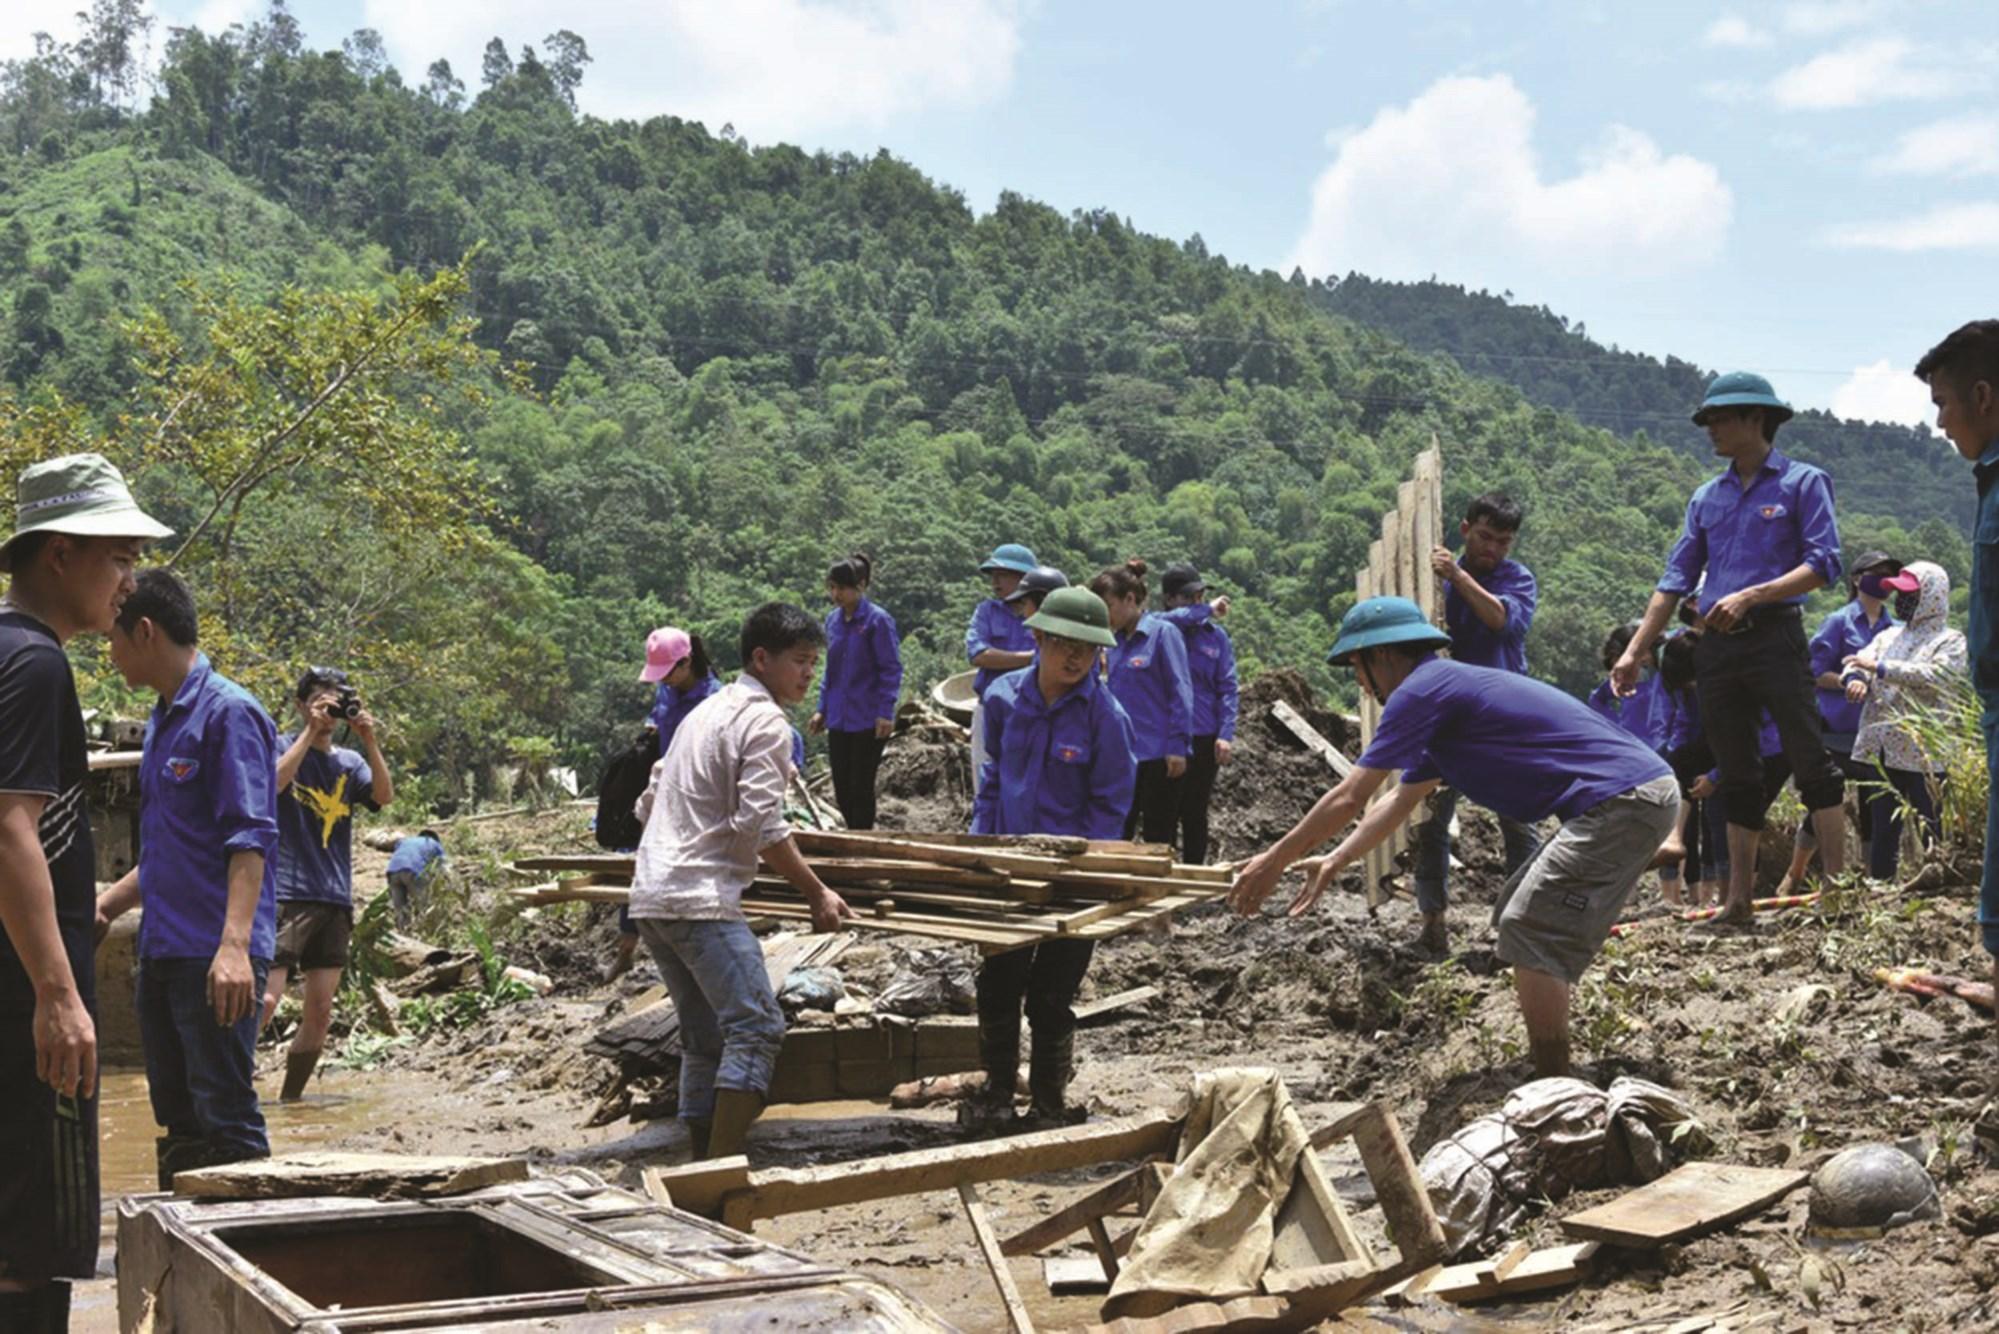 Hậu quả do thiên tai gây ra cho vùng đồng bào DTTS và miền núi là rất nặng nề.